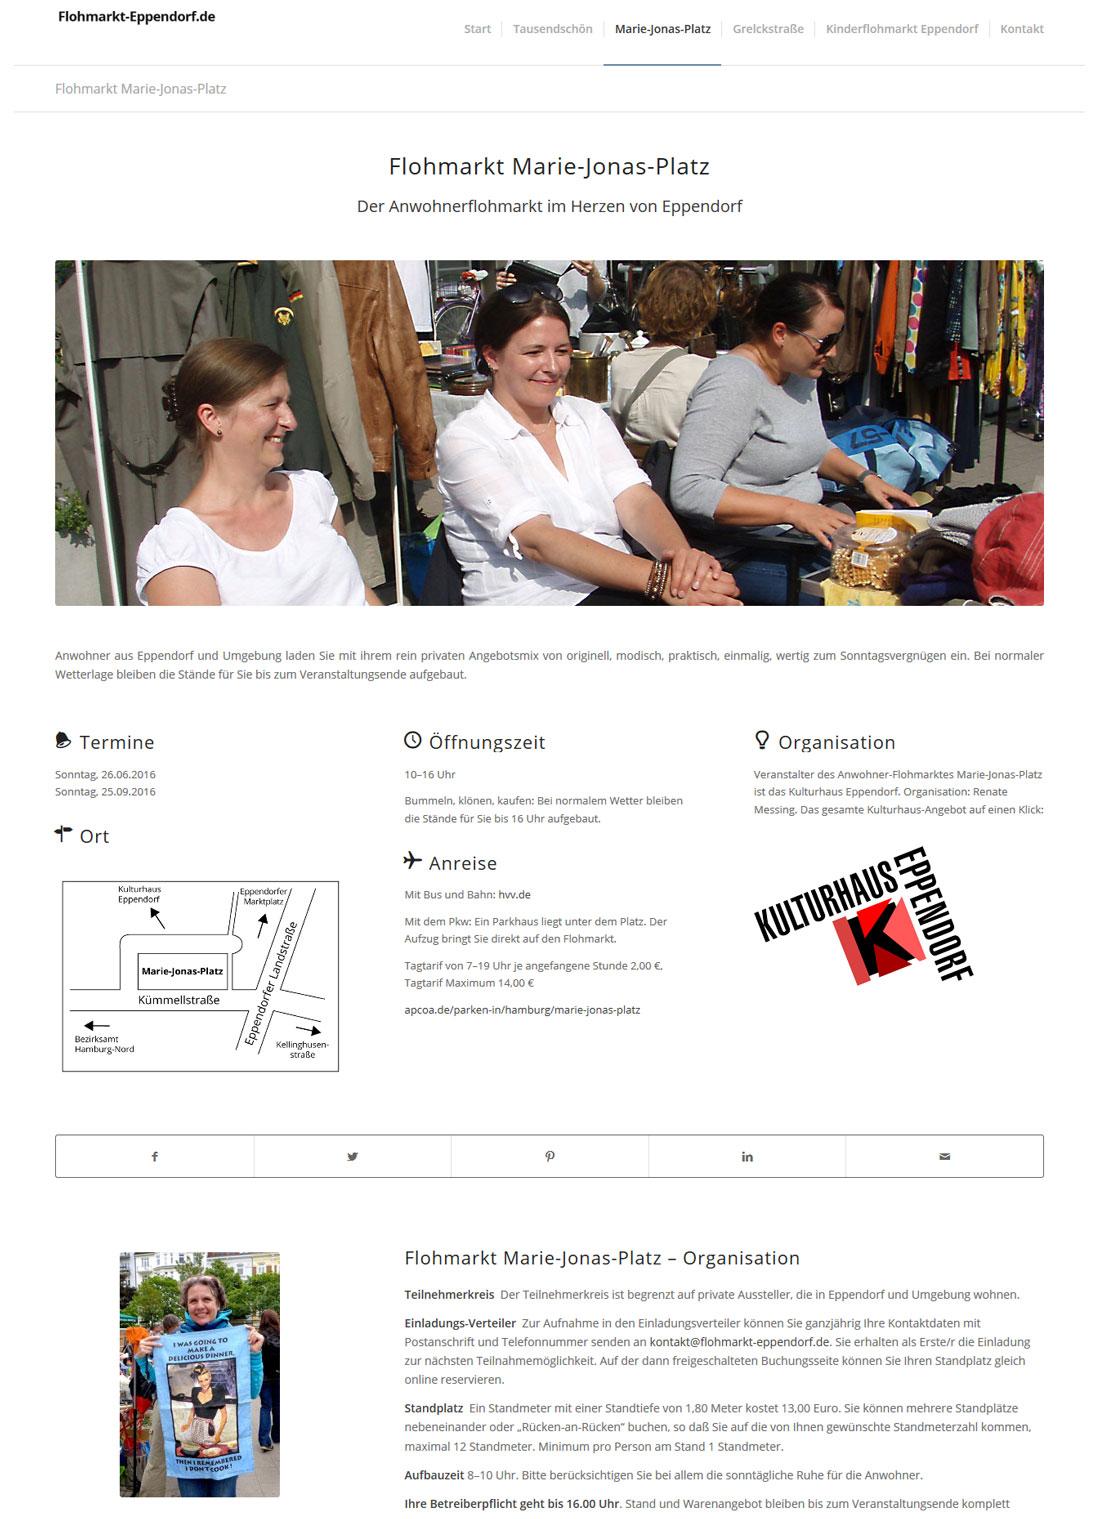 Flohmarkt Eppendorf Seitenansicht Marie-Jonas-Platz